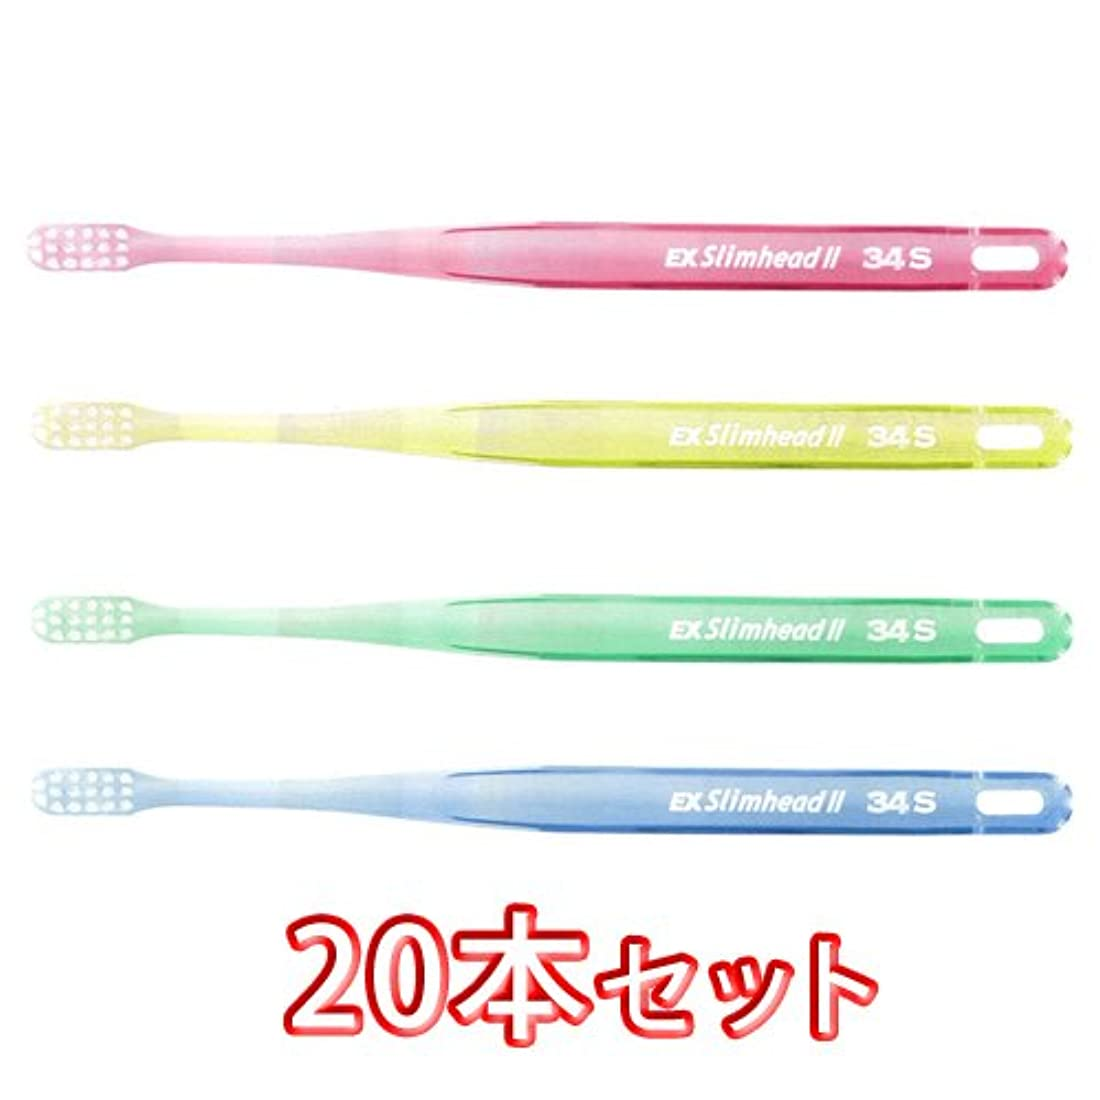 ポータルの間に額ライオン スリムヘッド2 歯ブラシ DENT . EX Slimhead2 20本入 (34S)